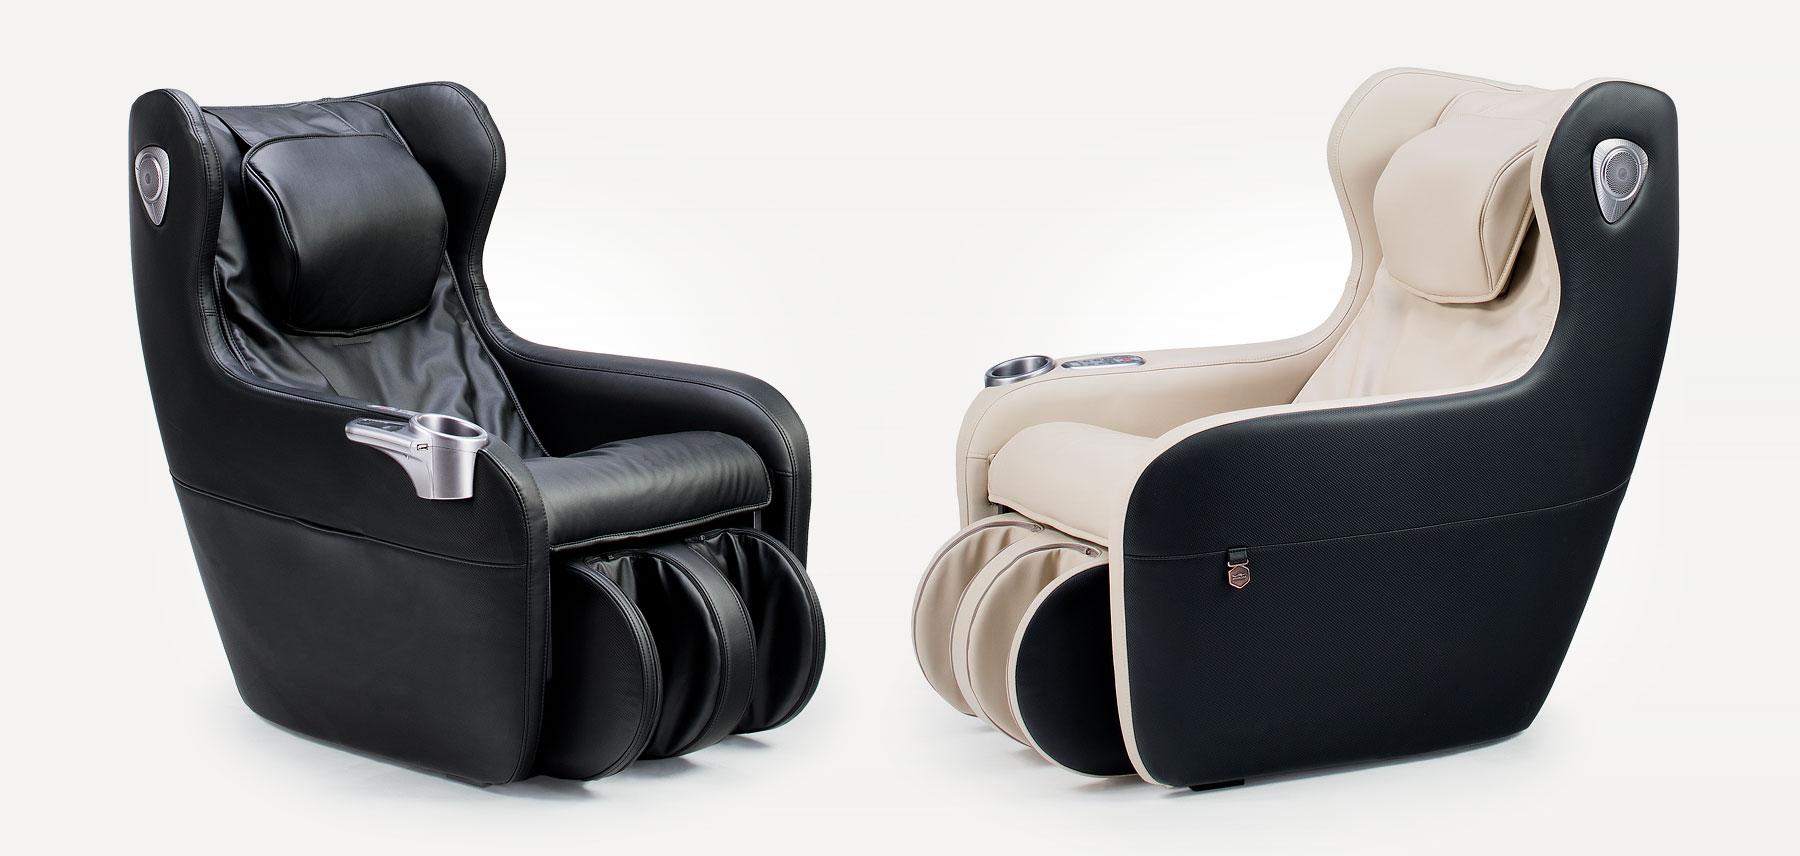 Zamów fotel masujący Massaggio Ricco